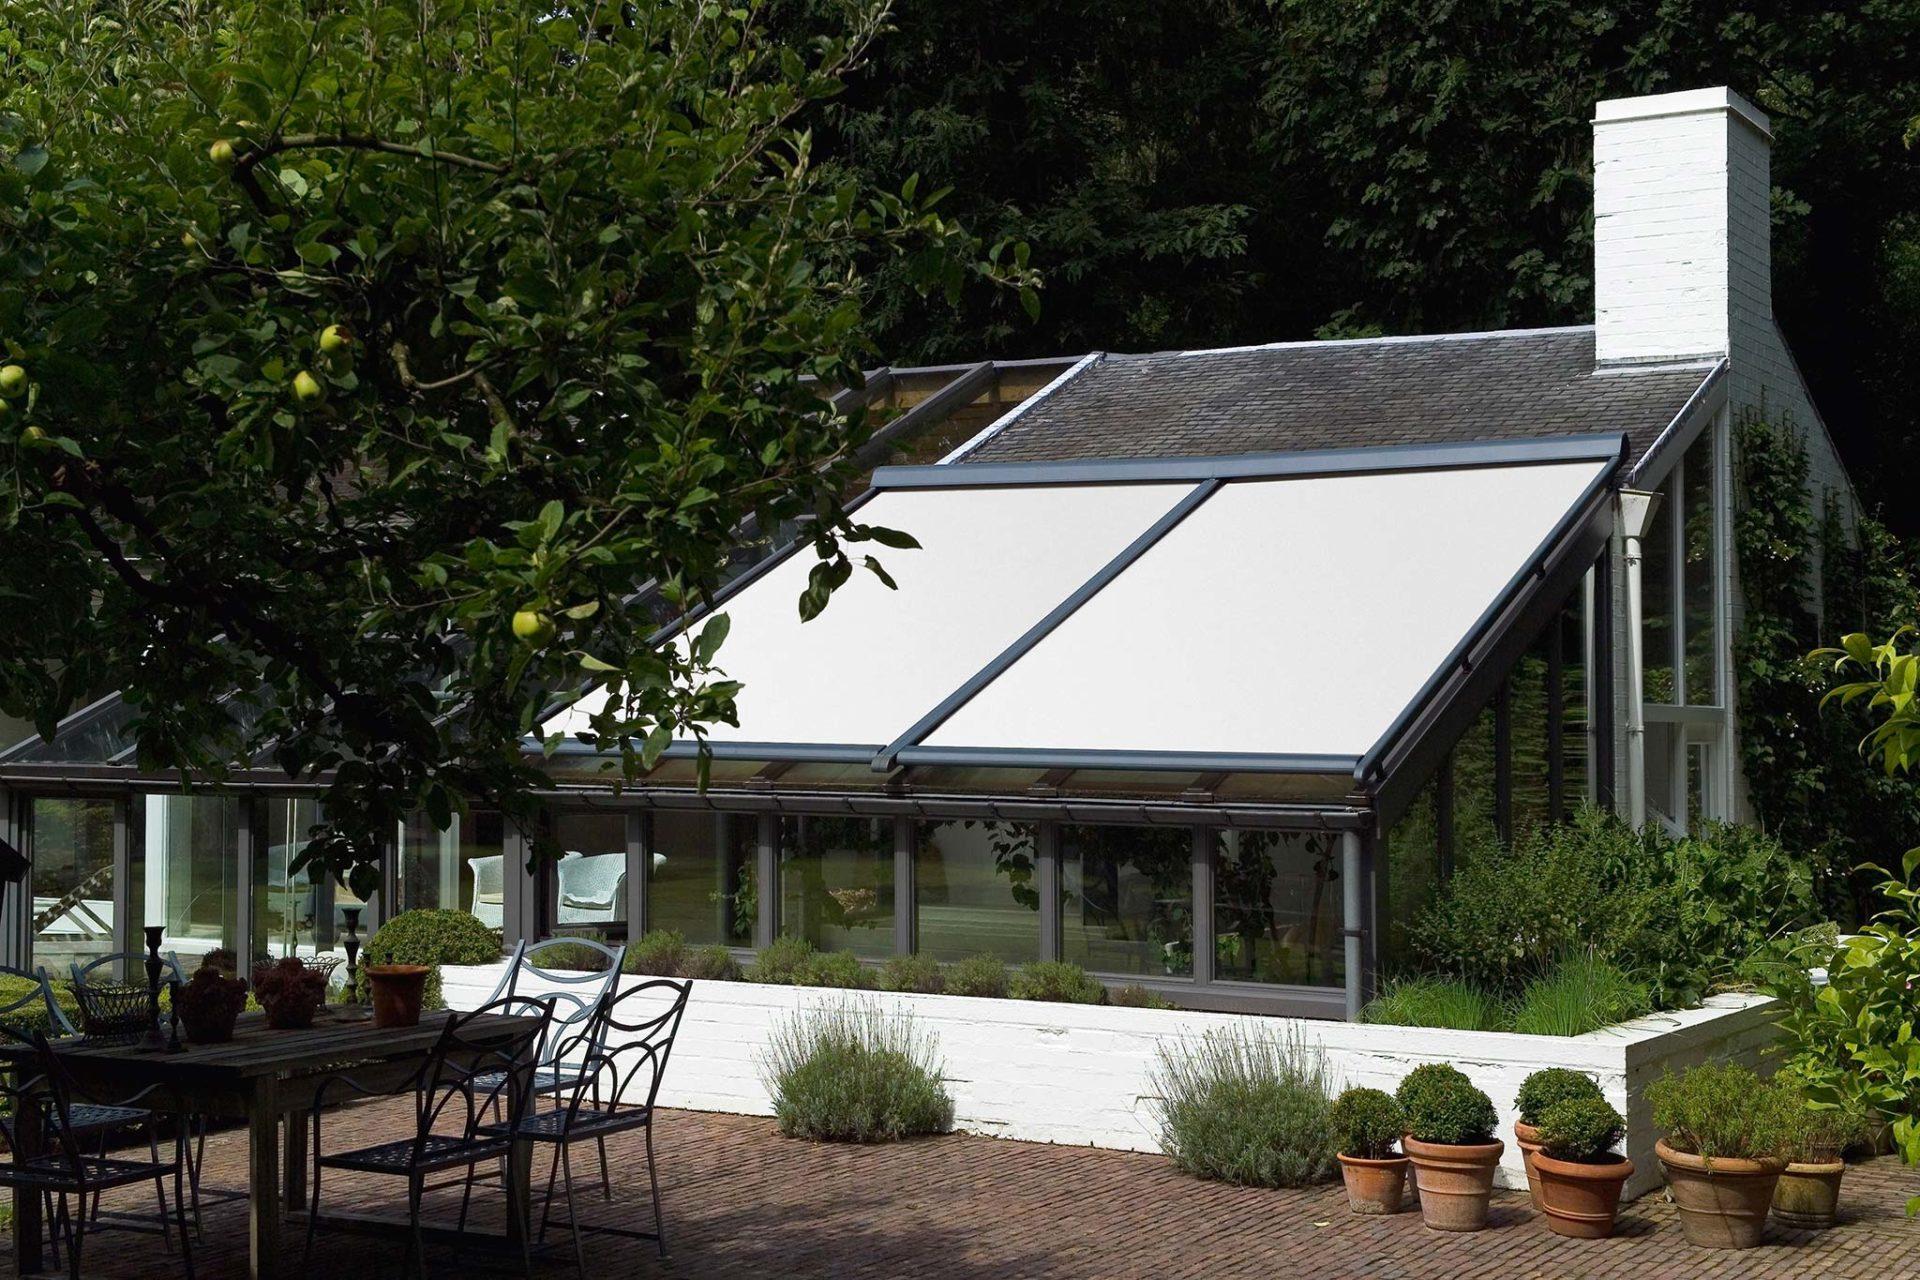 Store toile extérieur occultant_toiture de véranda_plan incliné_Weisz Paris